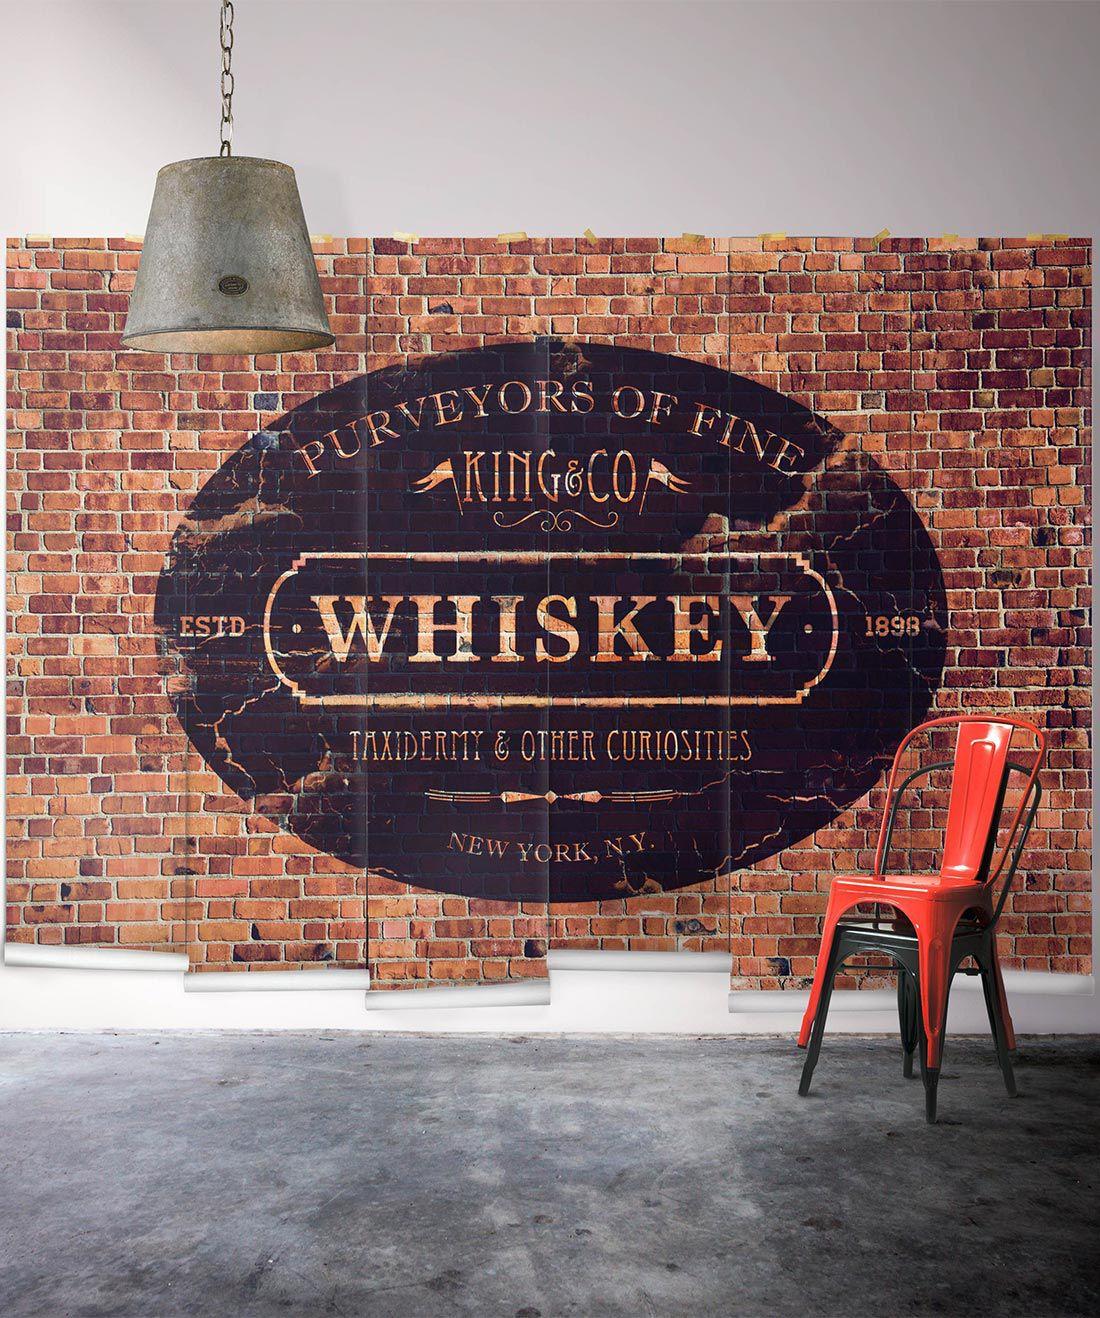 King & Co. Whiskey Mural